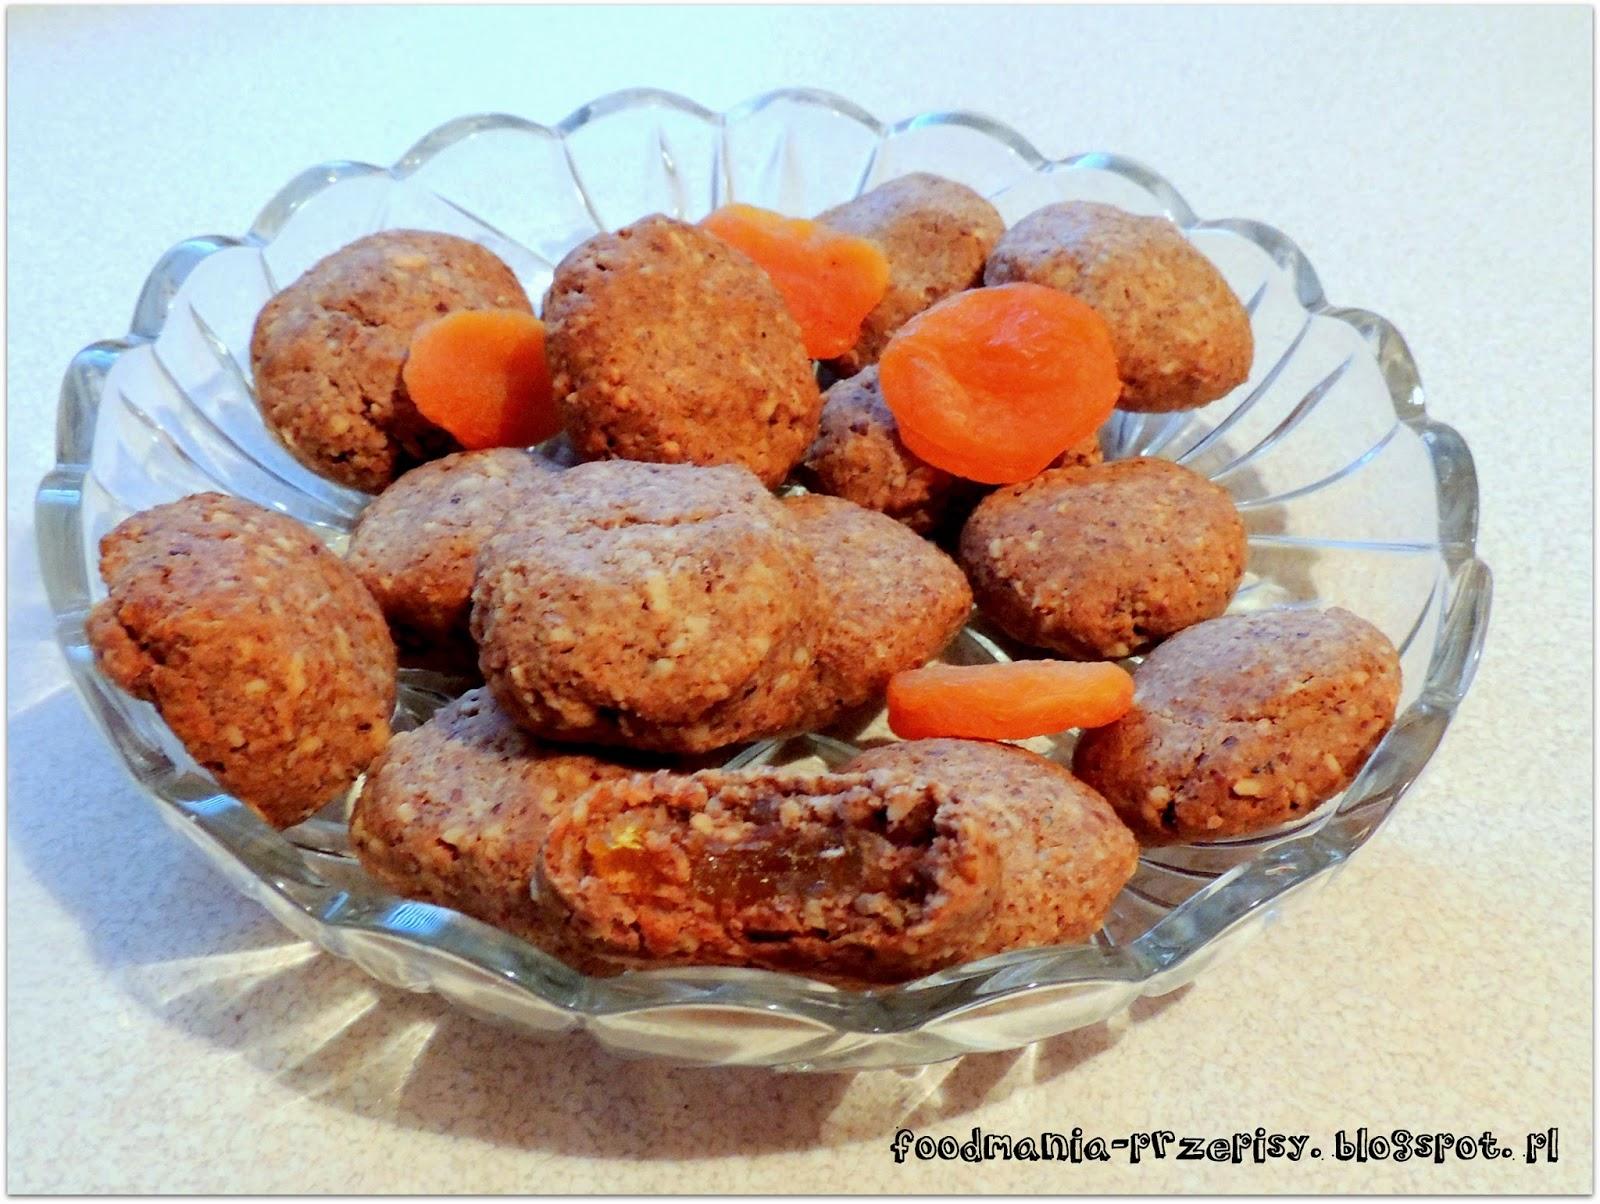 http://foodmania-przepisy.blogspot.com/2014/04/cisteczka-orzechowe-kuleczki.html